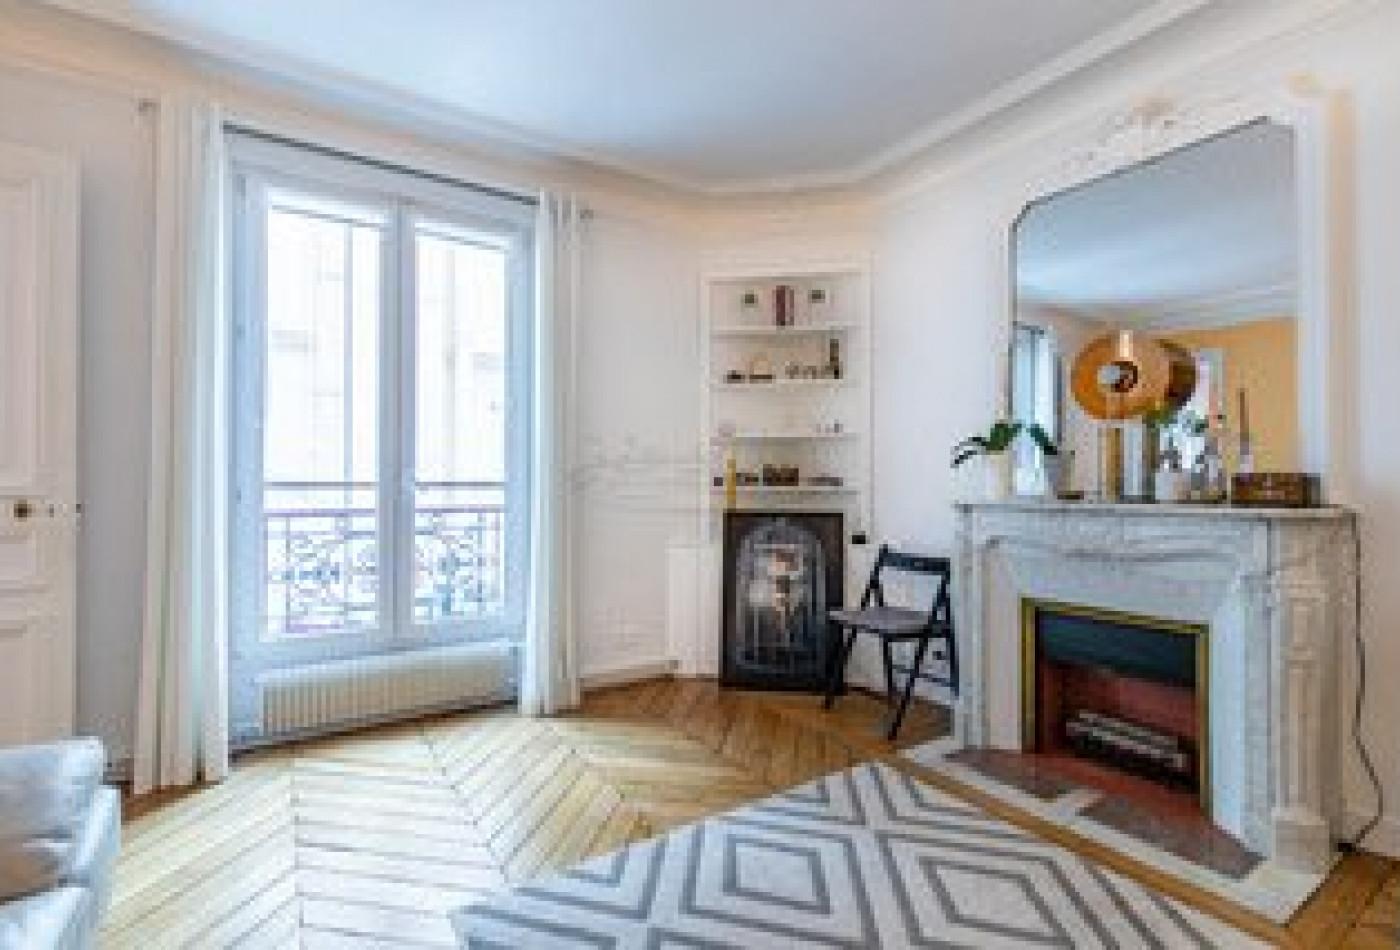 A vendre  Paris 16eme Arrondissement | Réf 060203449 - Vealys